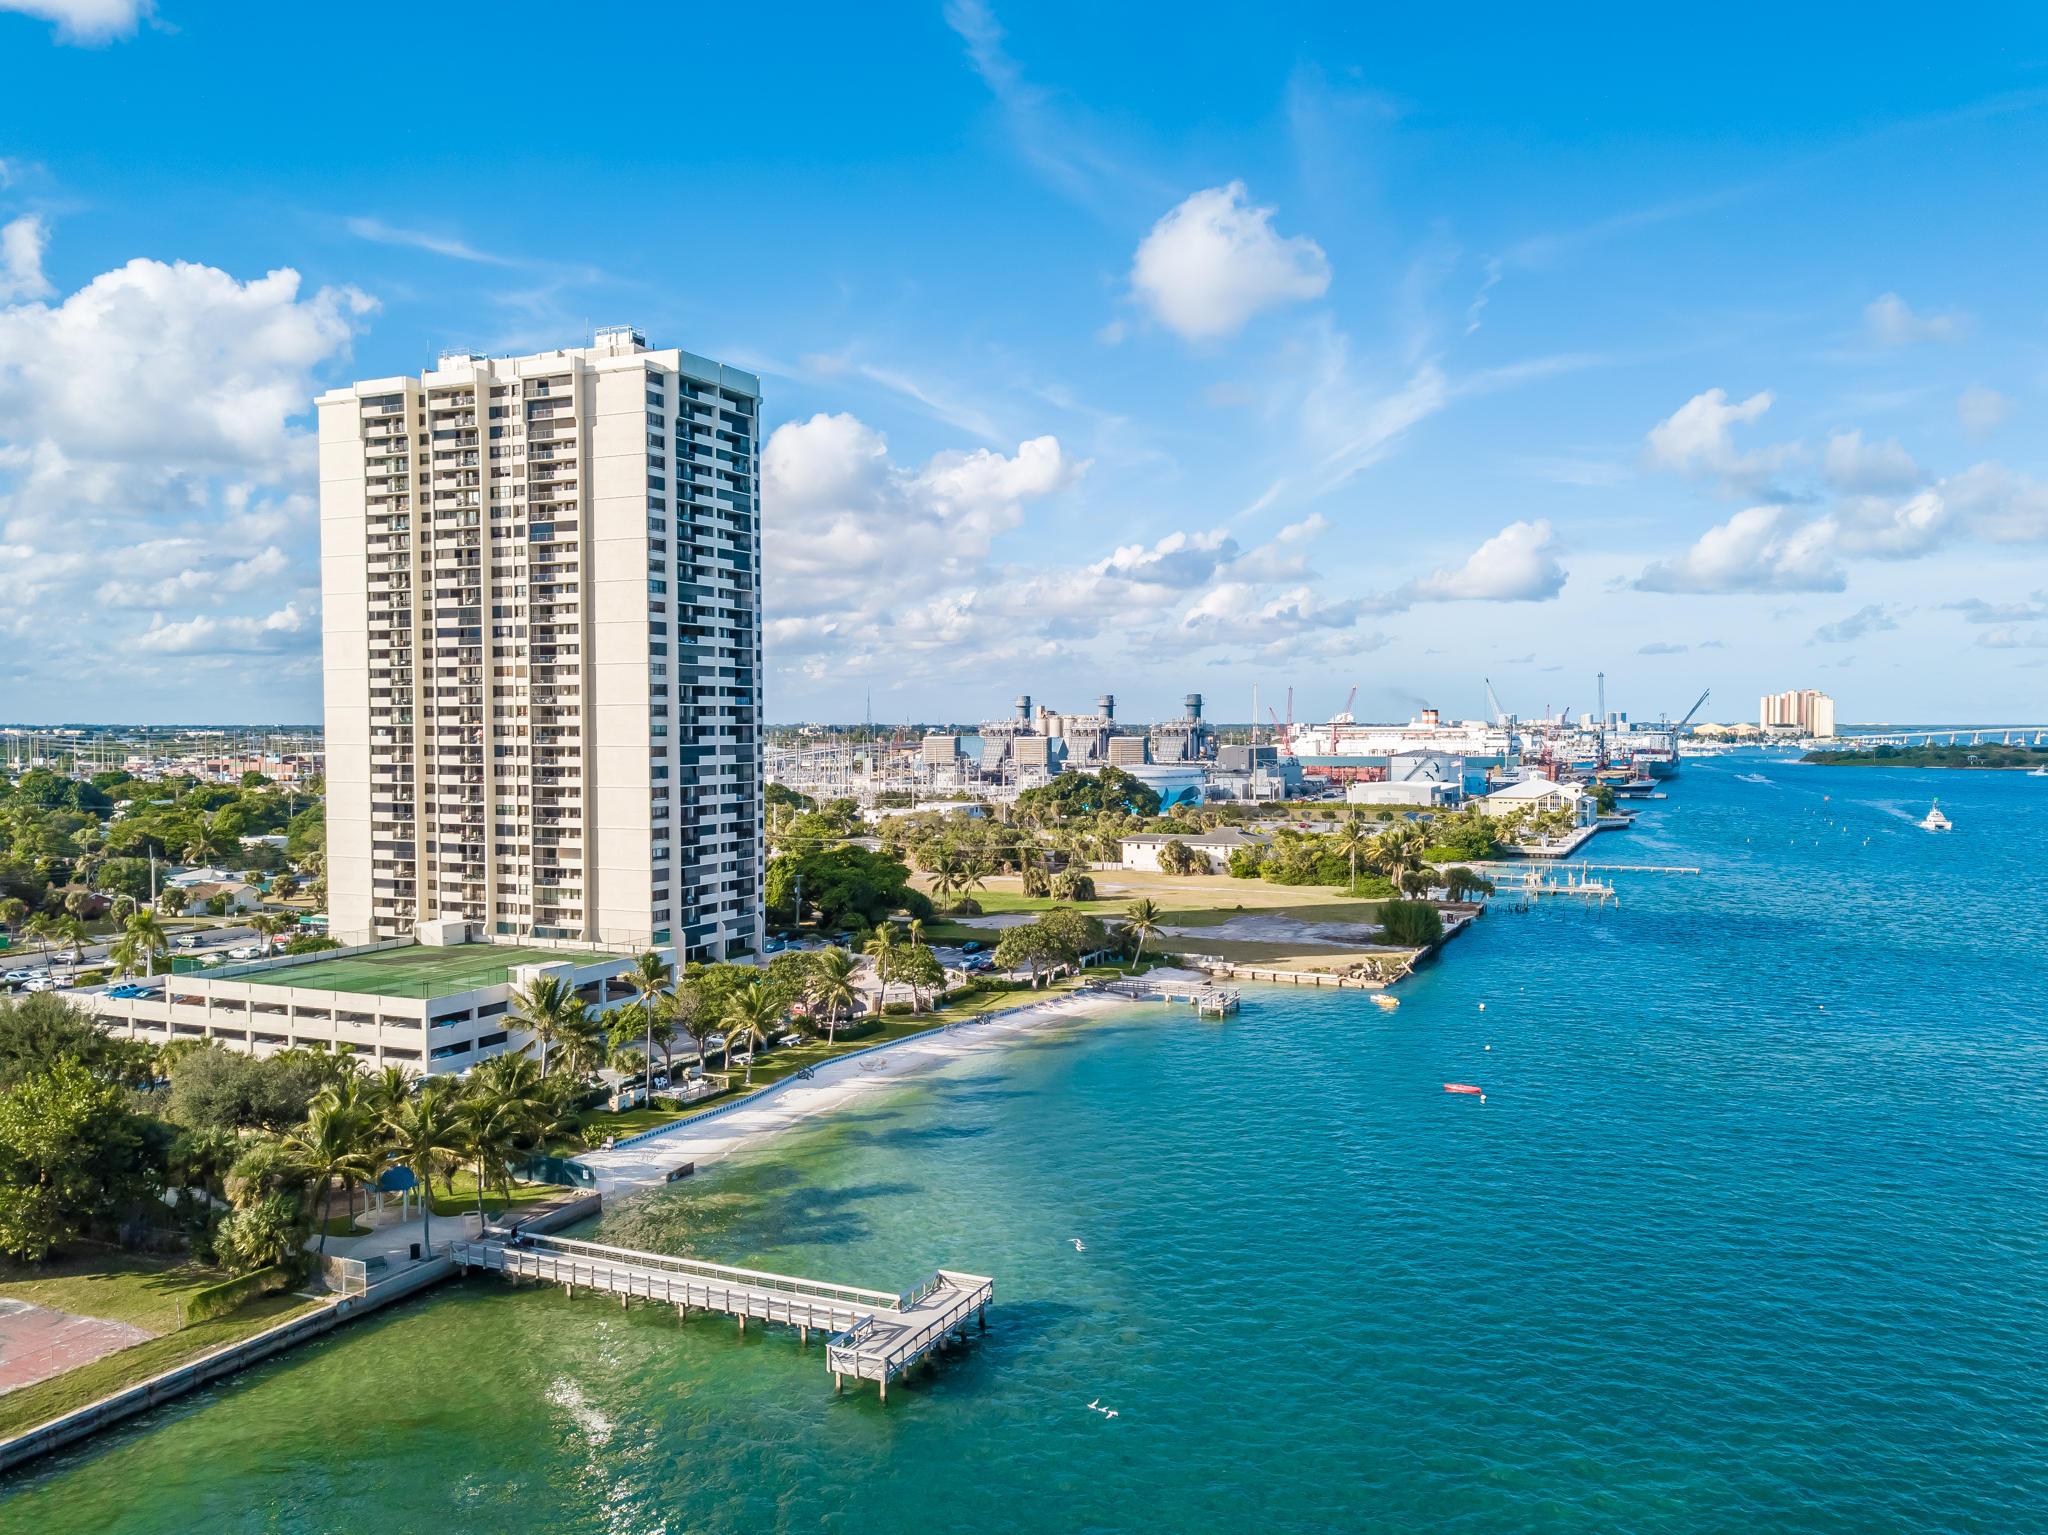 5600 N Flagler 2410  West Palm Beach, FL 33407